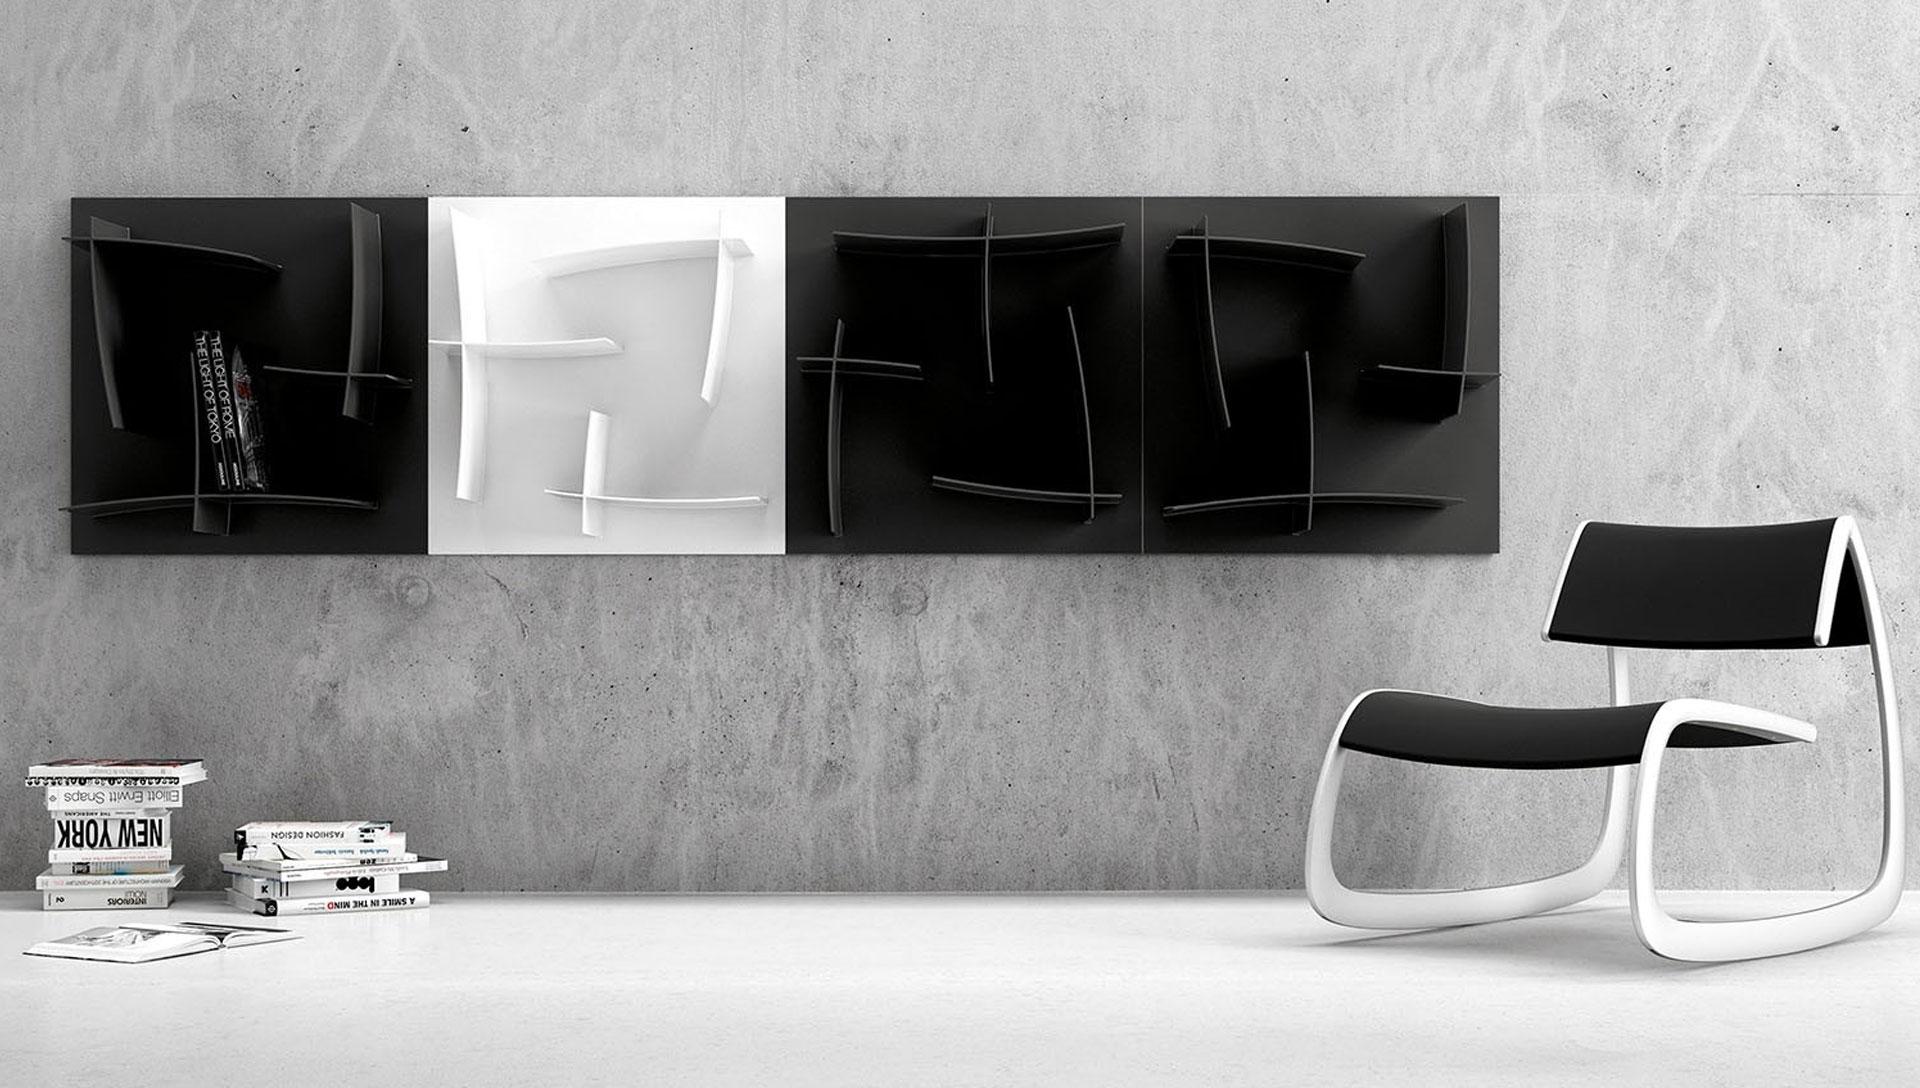 zona-giorno-infiniti-comodus-arredamenti-nicoletti-interni-interior-design-divani-complementi-arredo-mobili-design-accessori-matera